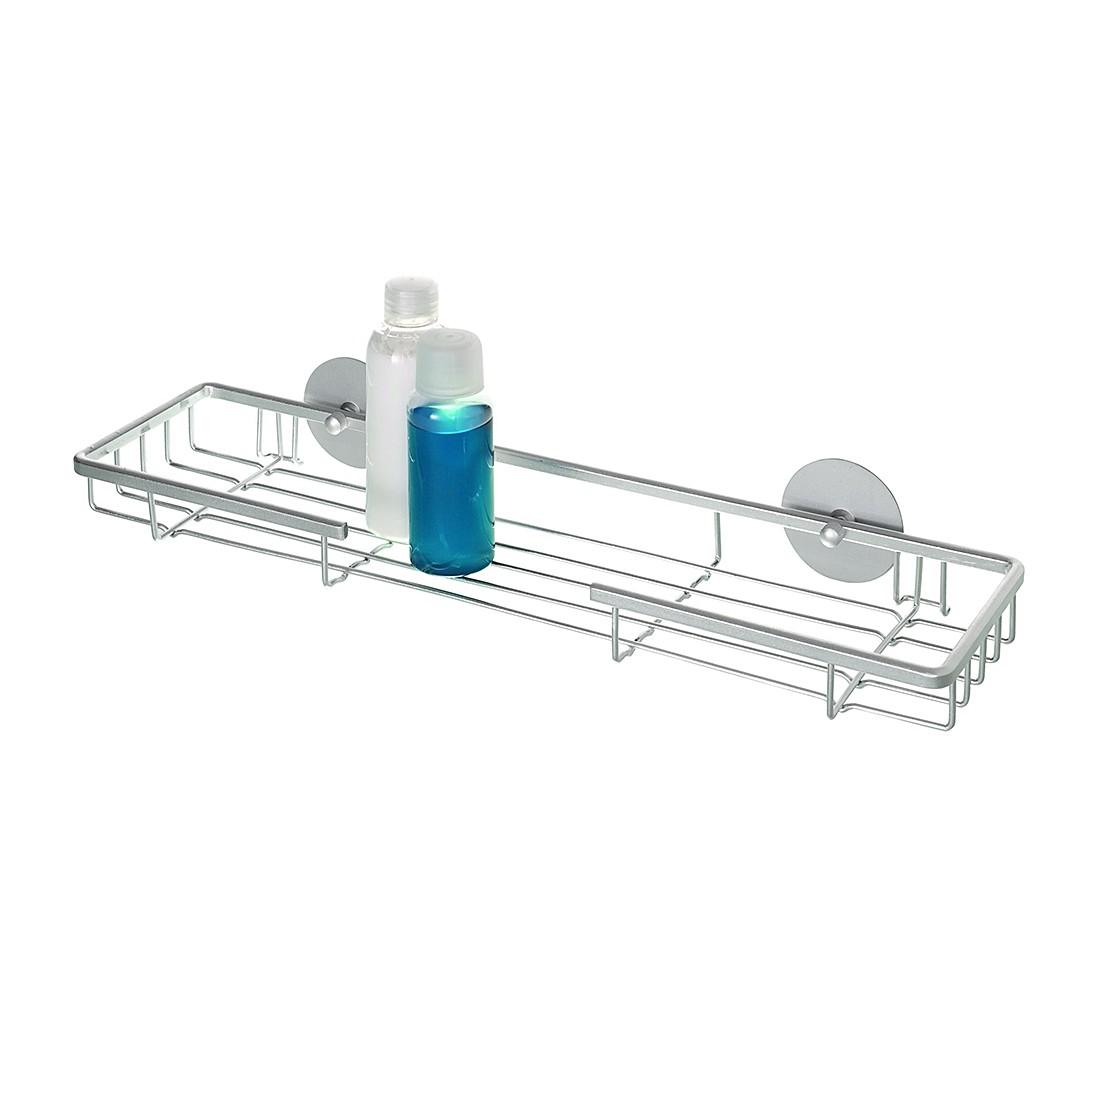 Maxiablage – Turbo-Loc – Aluminium, WENKO günstig online kaufen